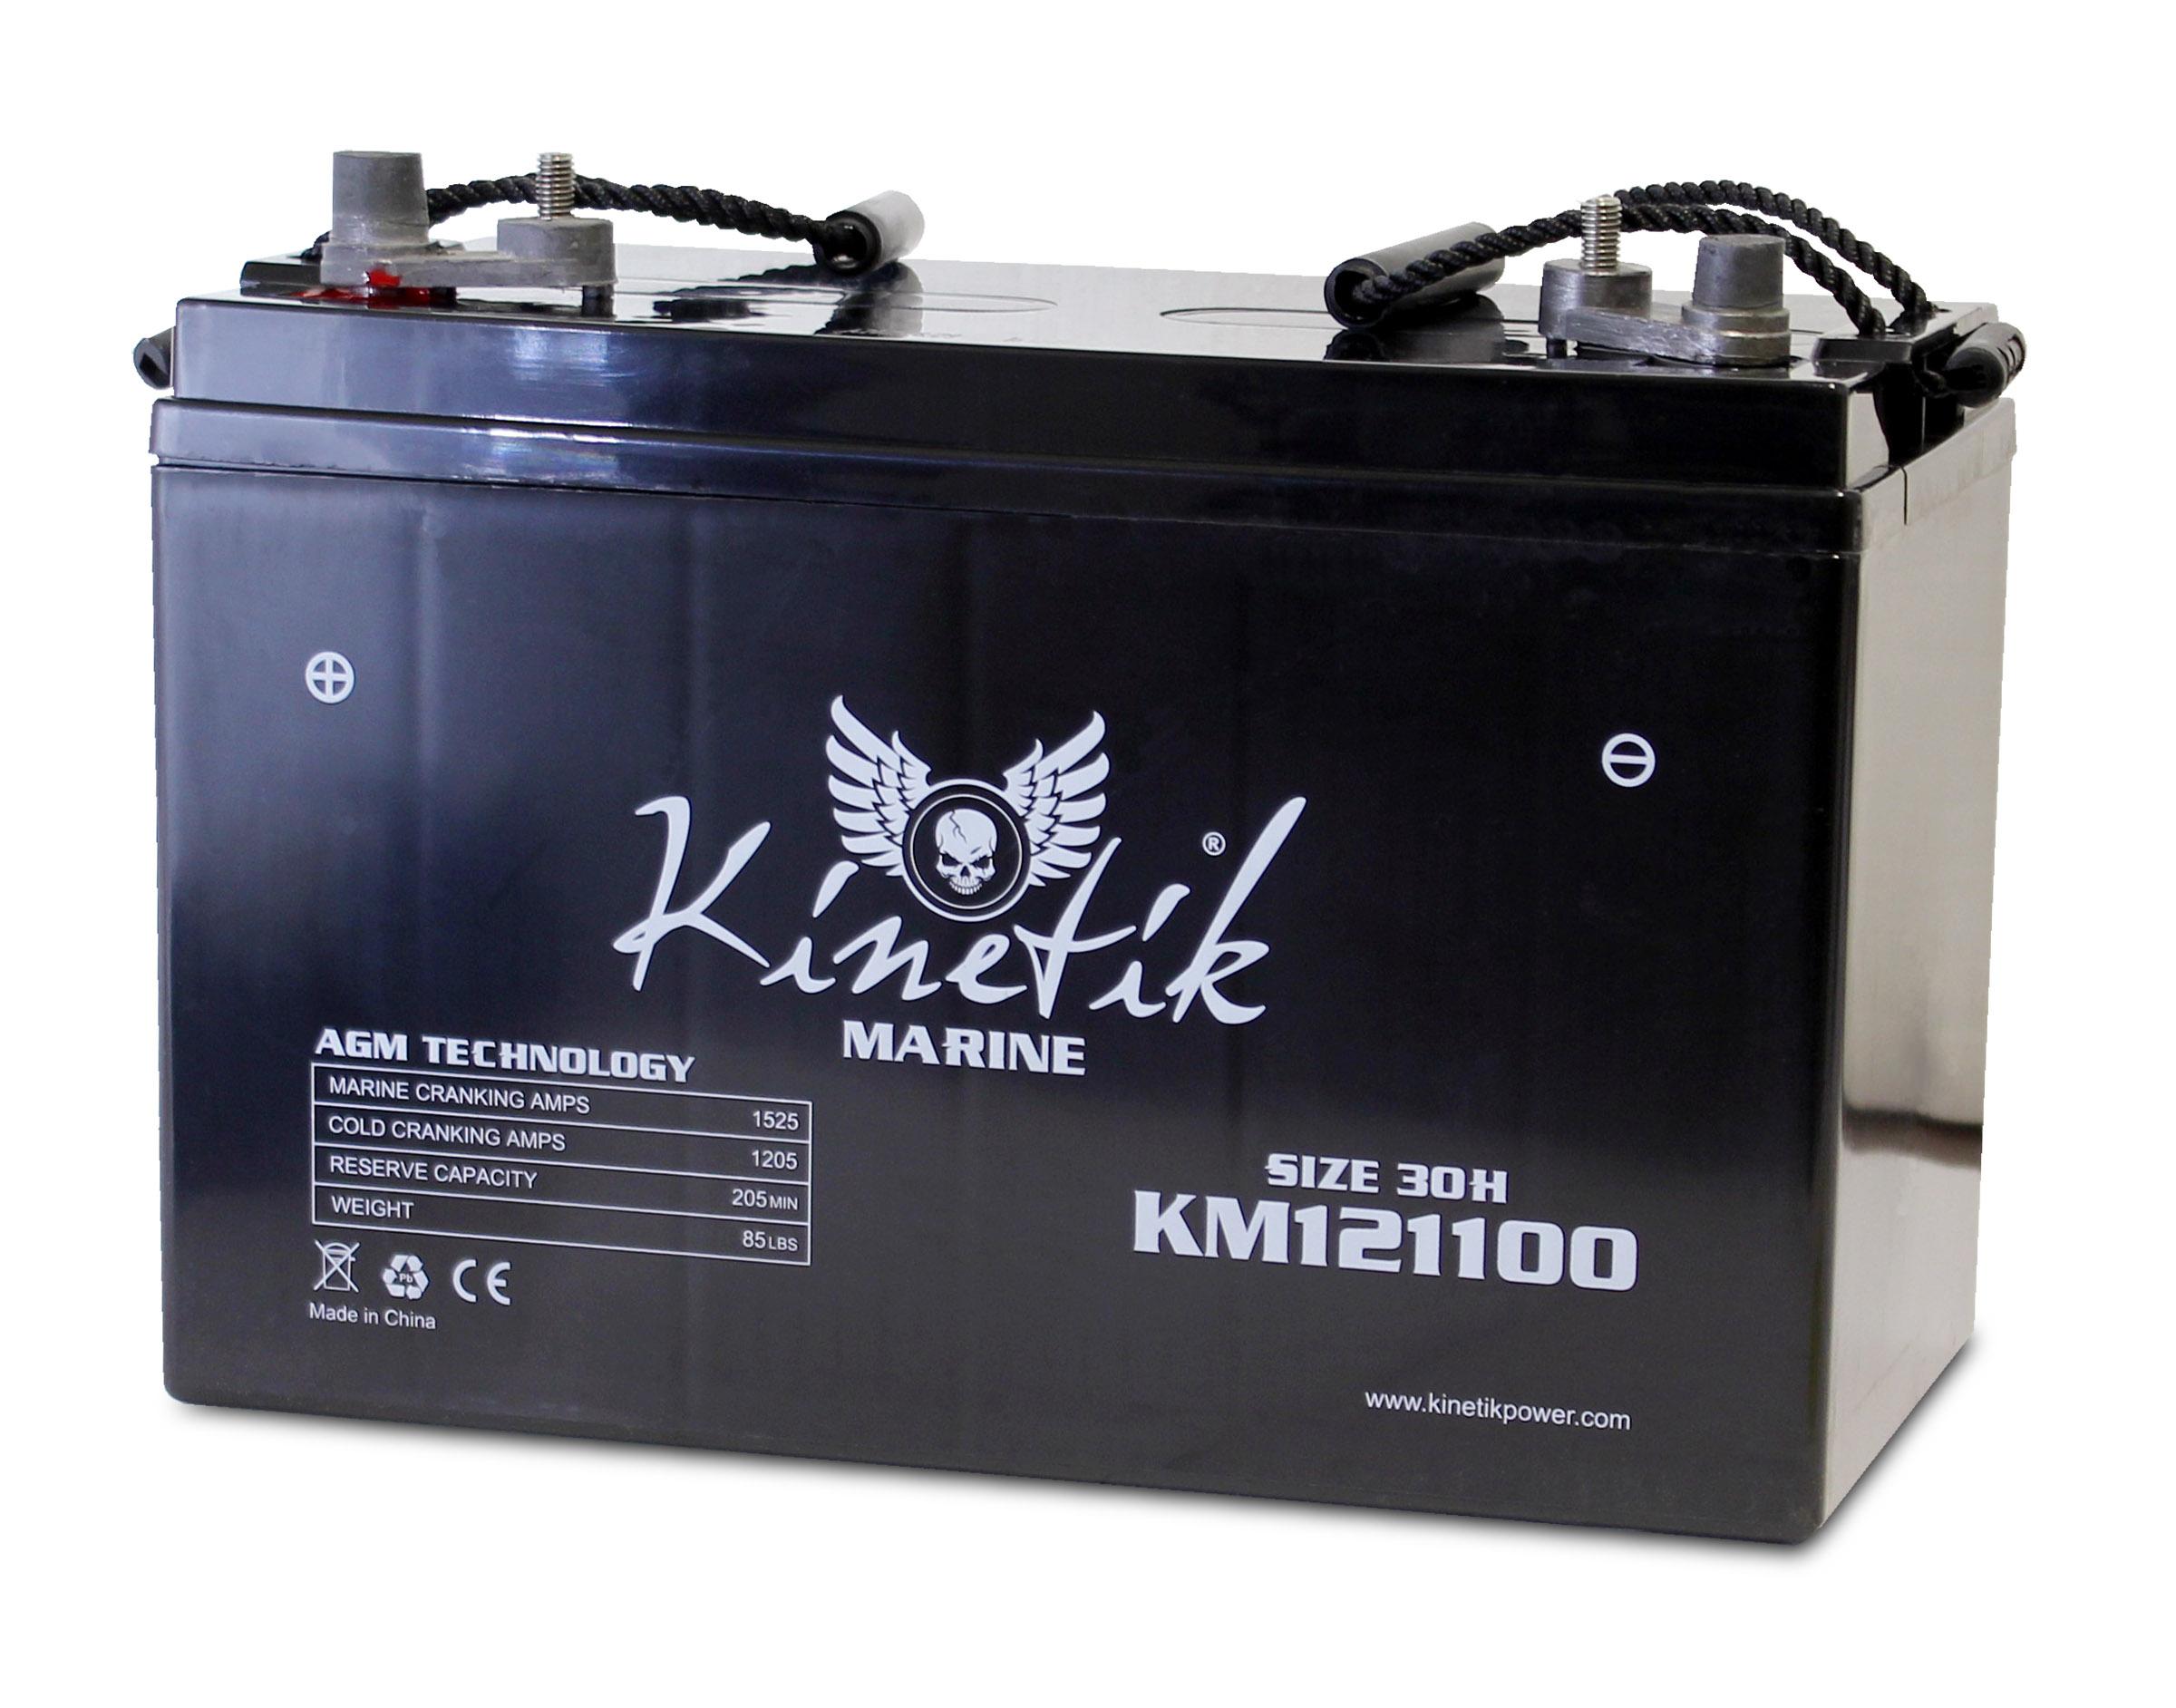 12V 110AH Group 30H Battery for Minn Kota Ulterra with iPilot